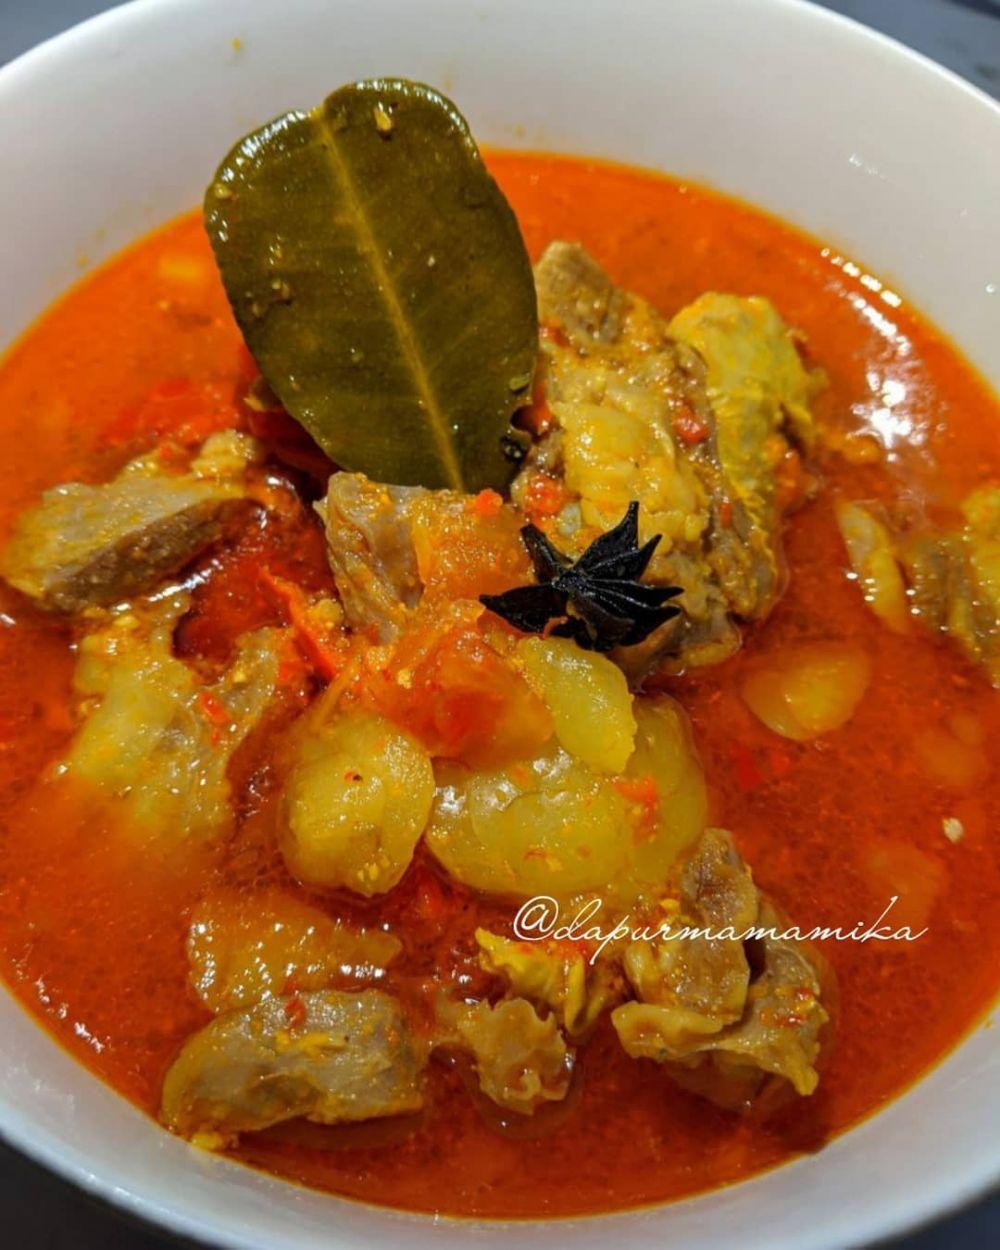 resepi telur rebus masak kari  santan indonesian food recipes Resepi Mee Rebus Tanpa Daging Enak dan Mudah